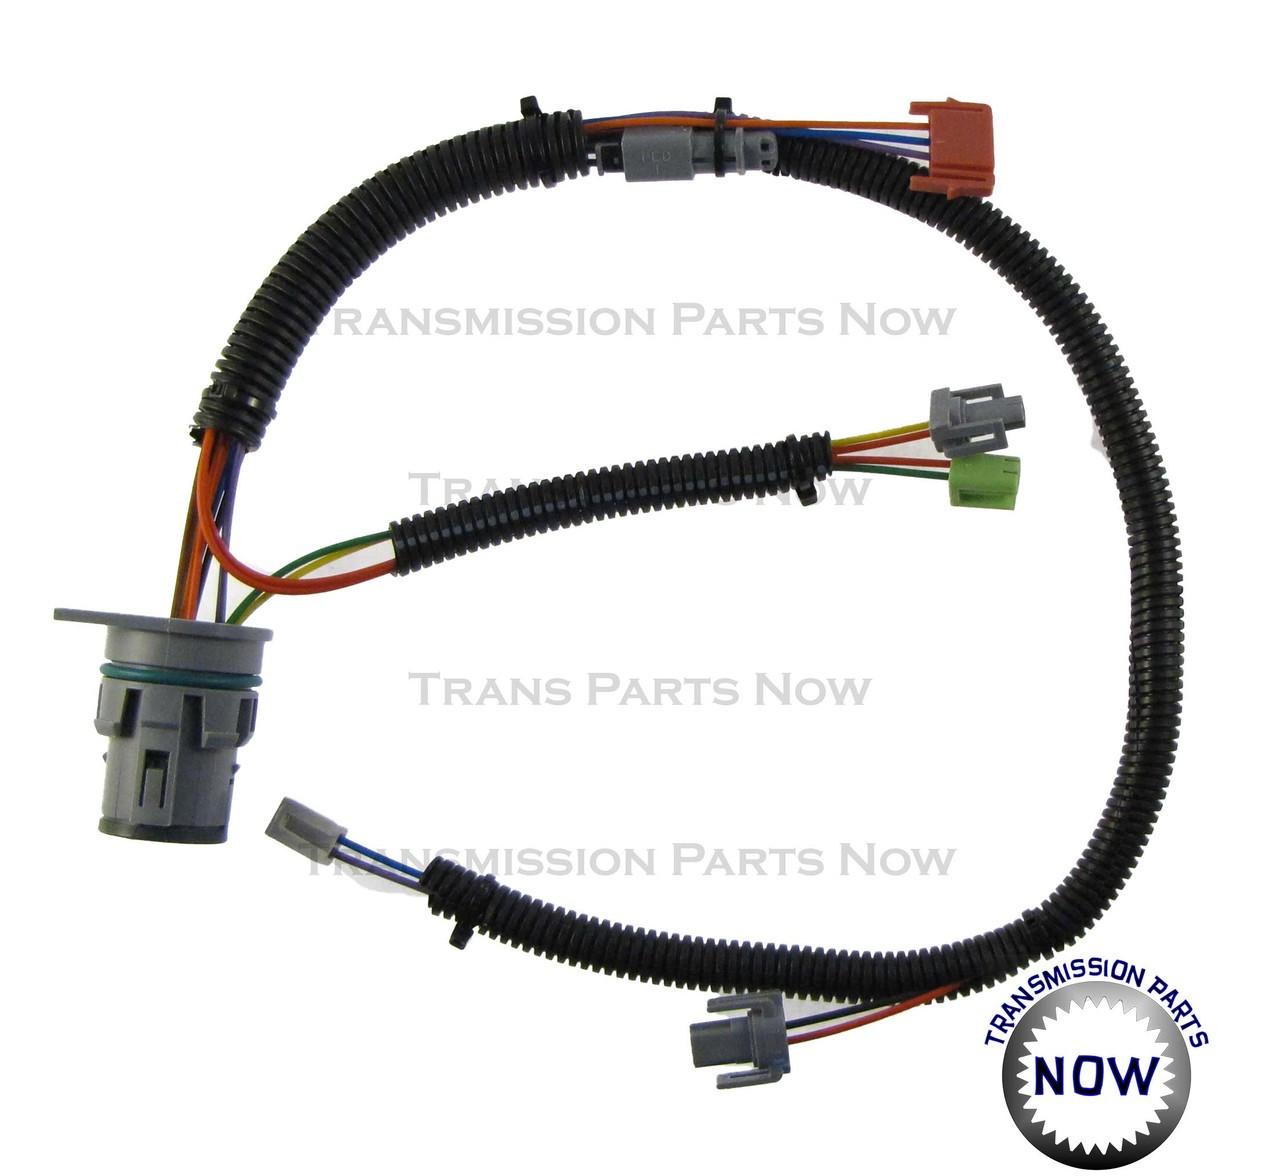 4l80e wiring harness internal wire harness 4l80e 2004 09 34435c 4l80e wiring harness failure internal wire harness 4l80e 2004 09 34435c